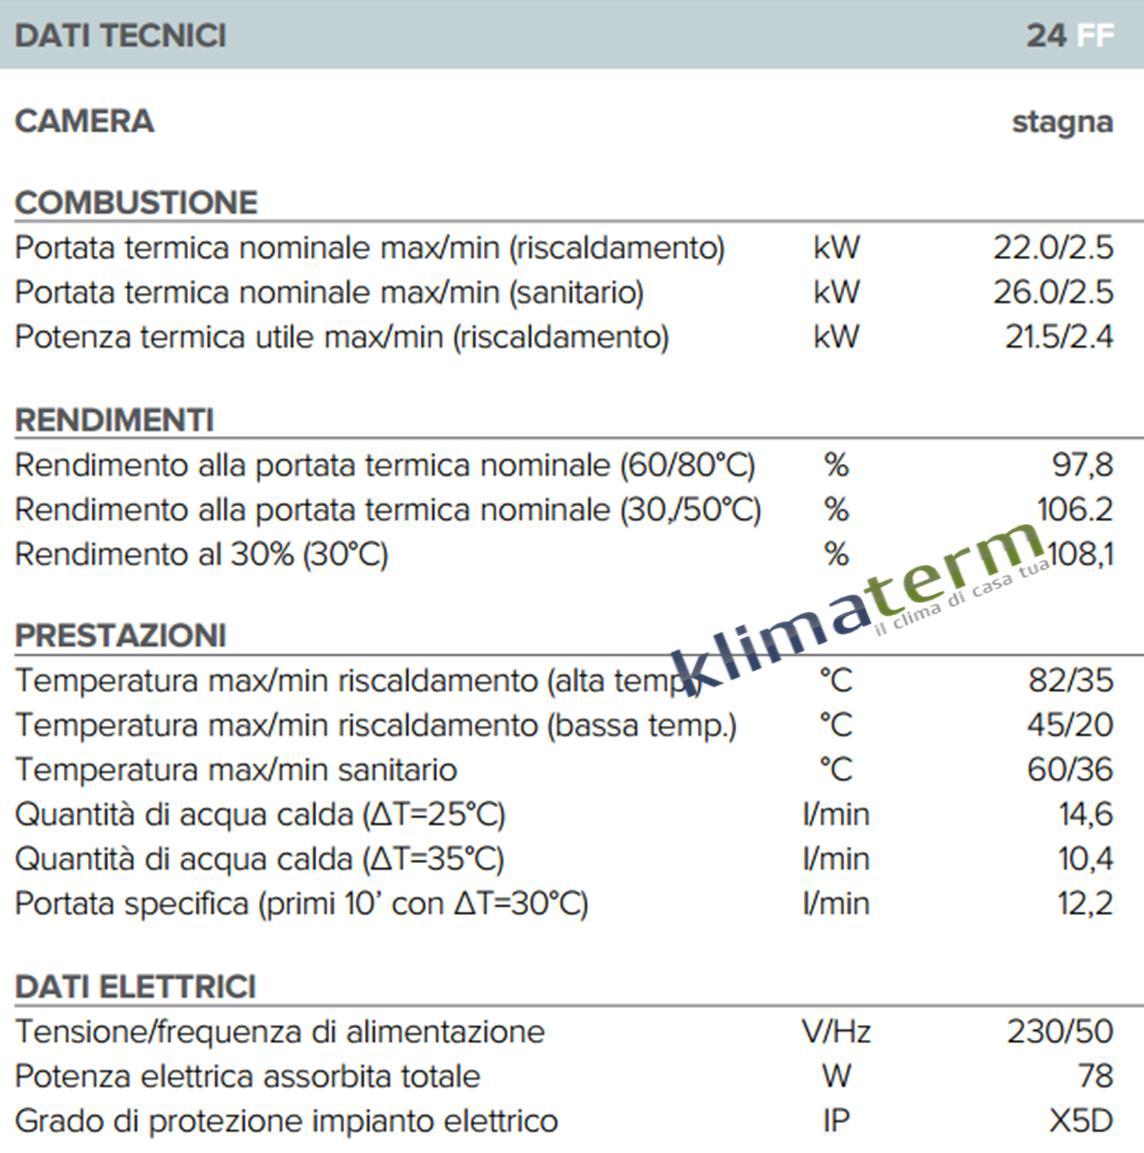 Caldaia ariston genus 24 ff installazione climatizzatore for Caldaia ariston egis manuale d uso